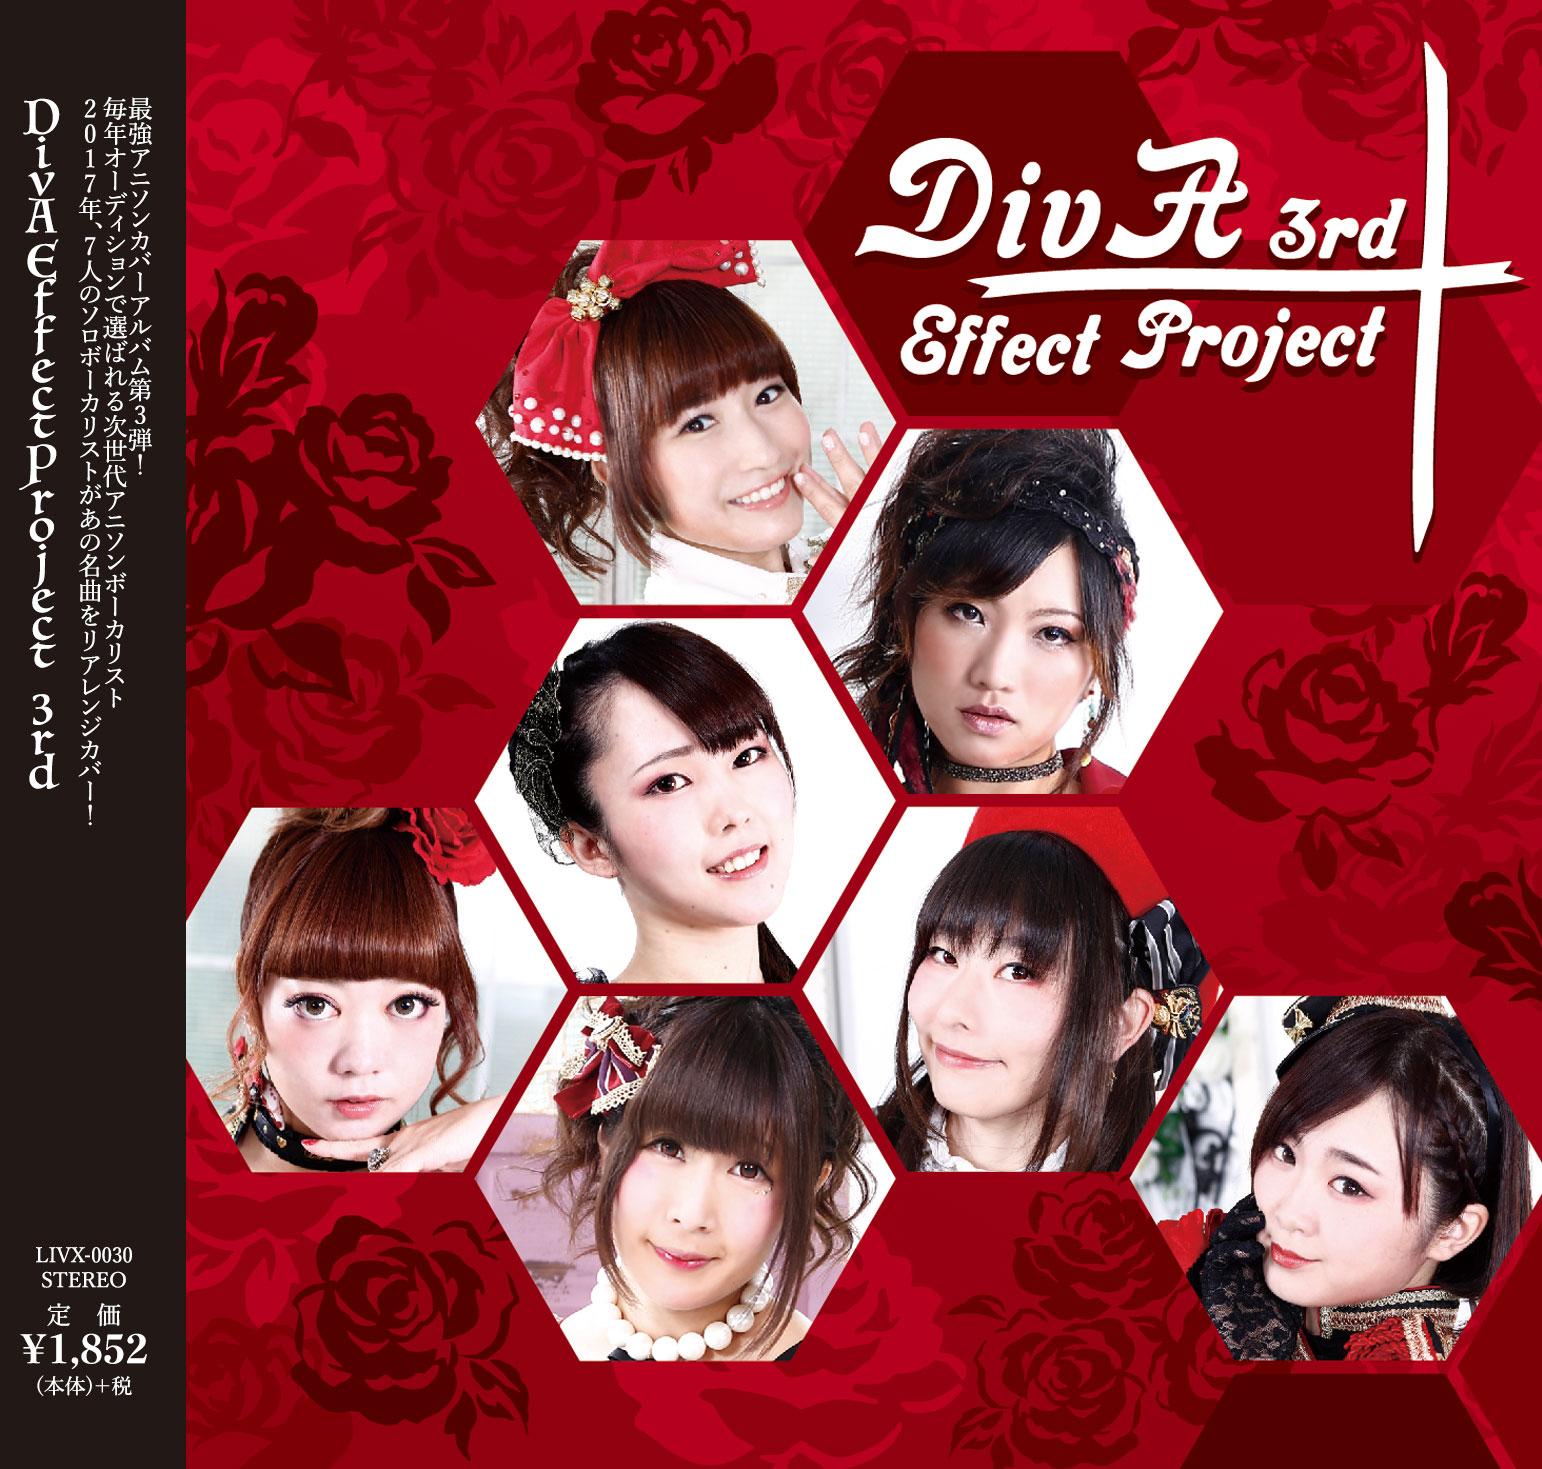 DivAeffectProject3rd